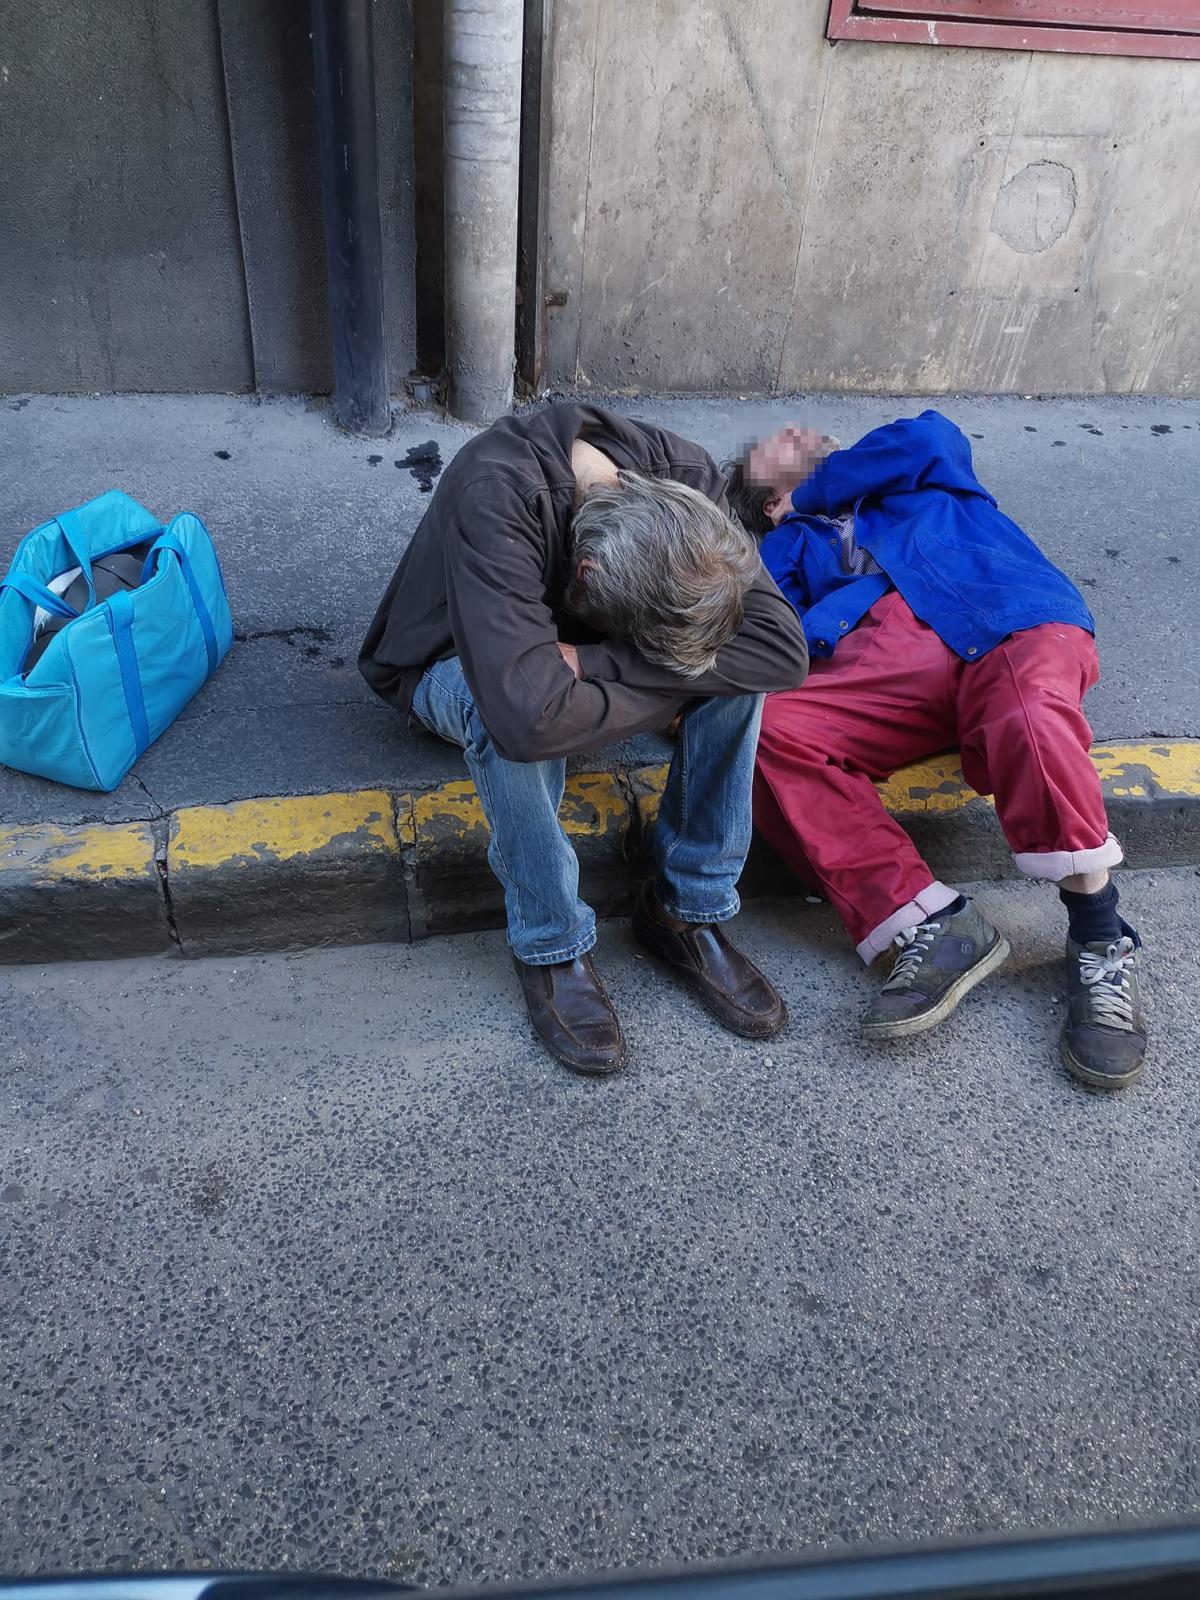 Karácsony Budapestje: a bokor mögé szarnak, beleokádnak a szökőkútba a hajléktalanok a Blaha Lujza téren